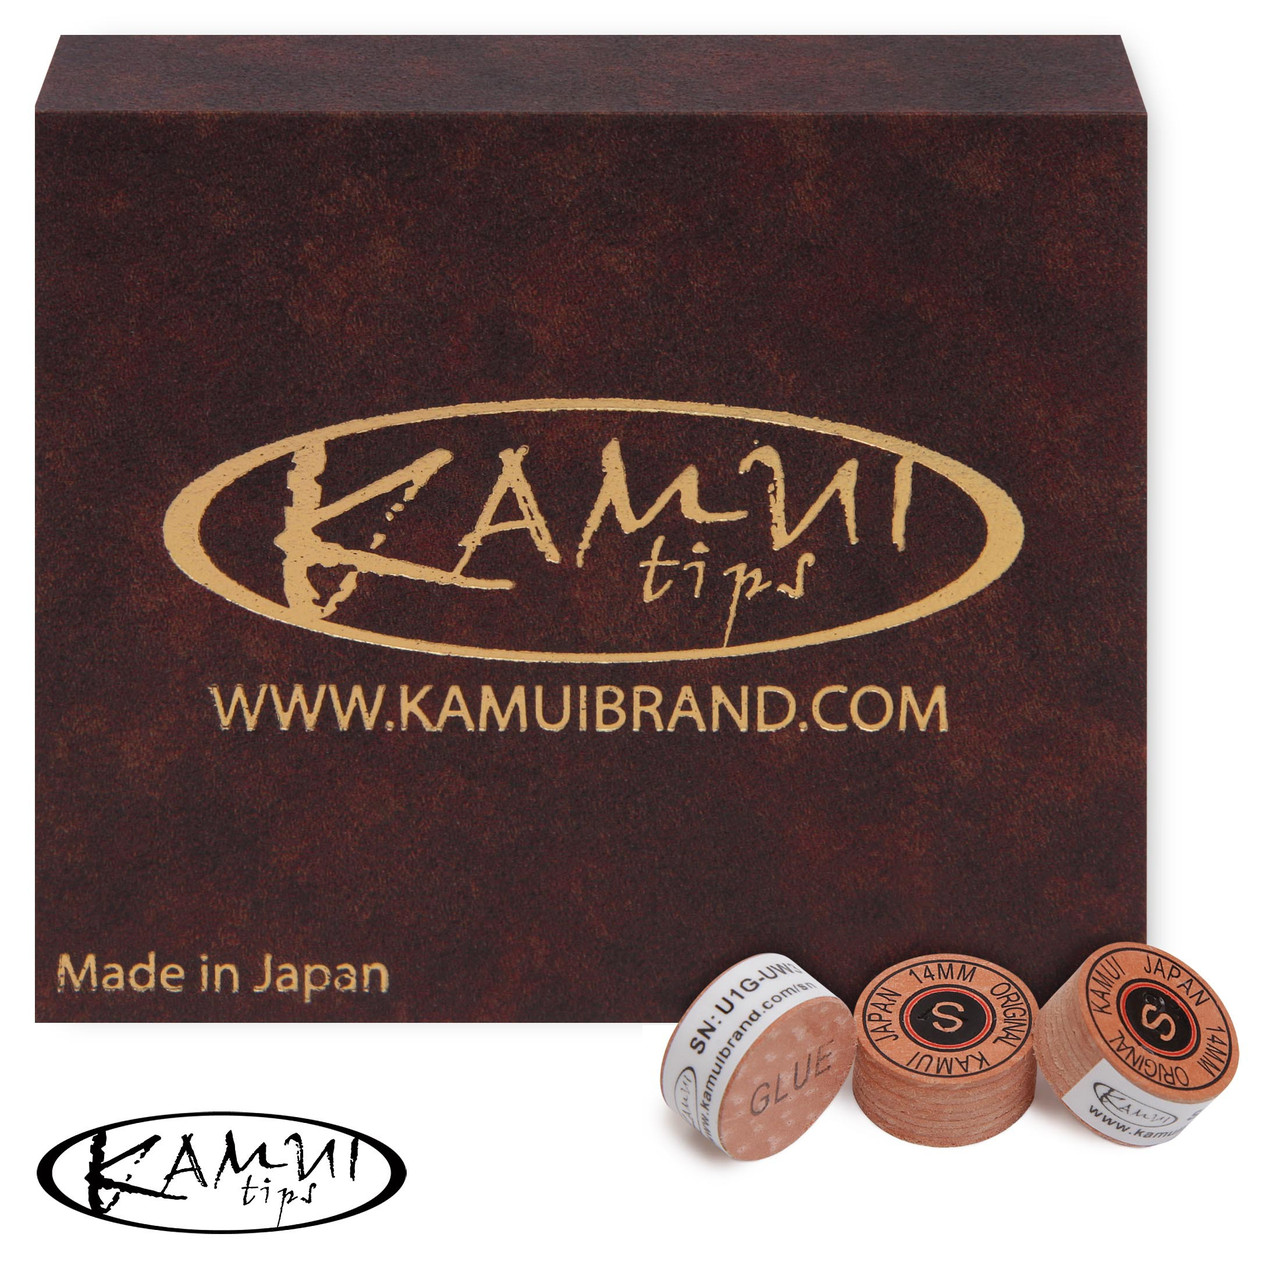 Наклейка для кия Kamui Original 14мм Soft 1шт